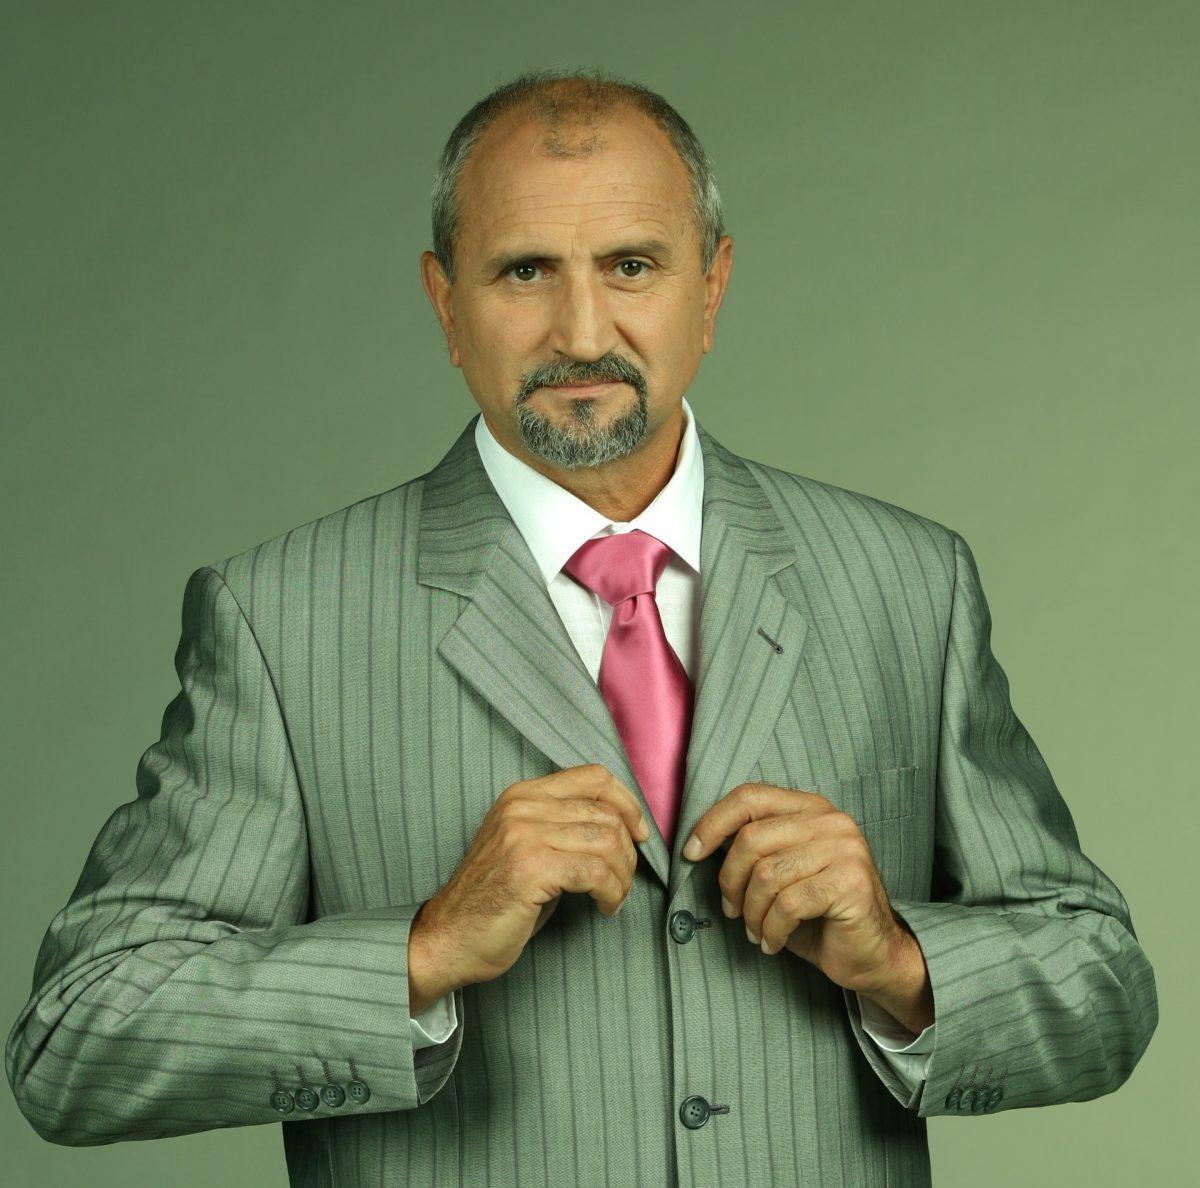 Iubitul actor Serban Ionescu s-a stins din viata!